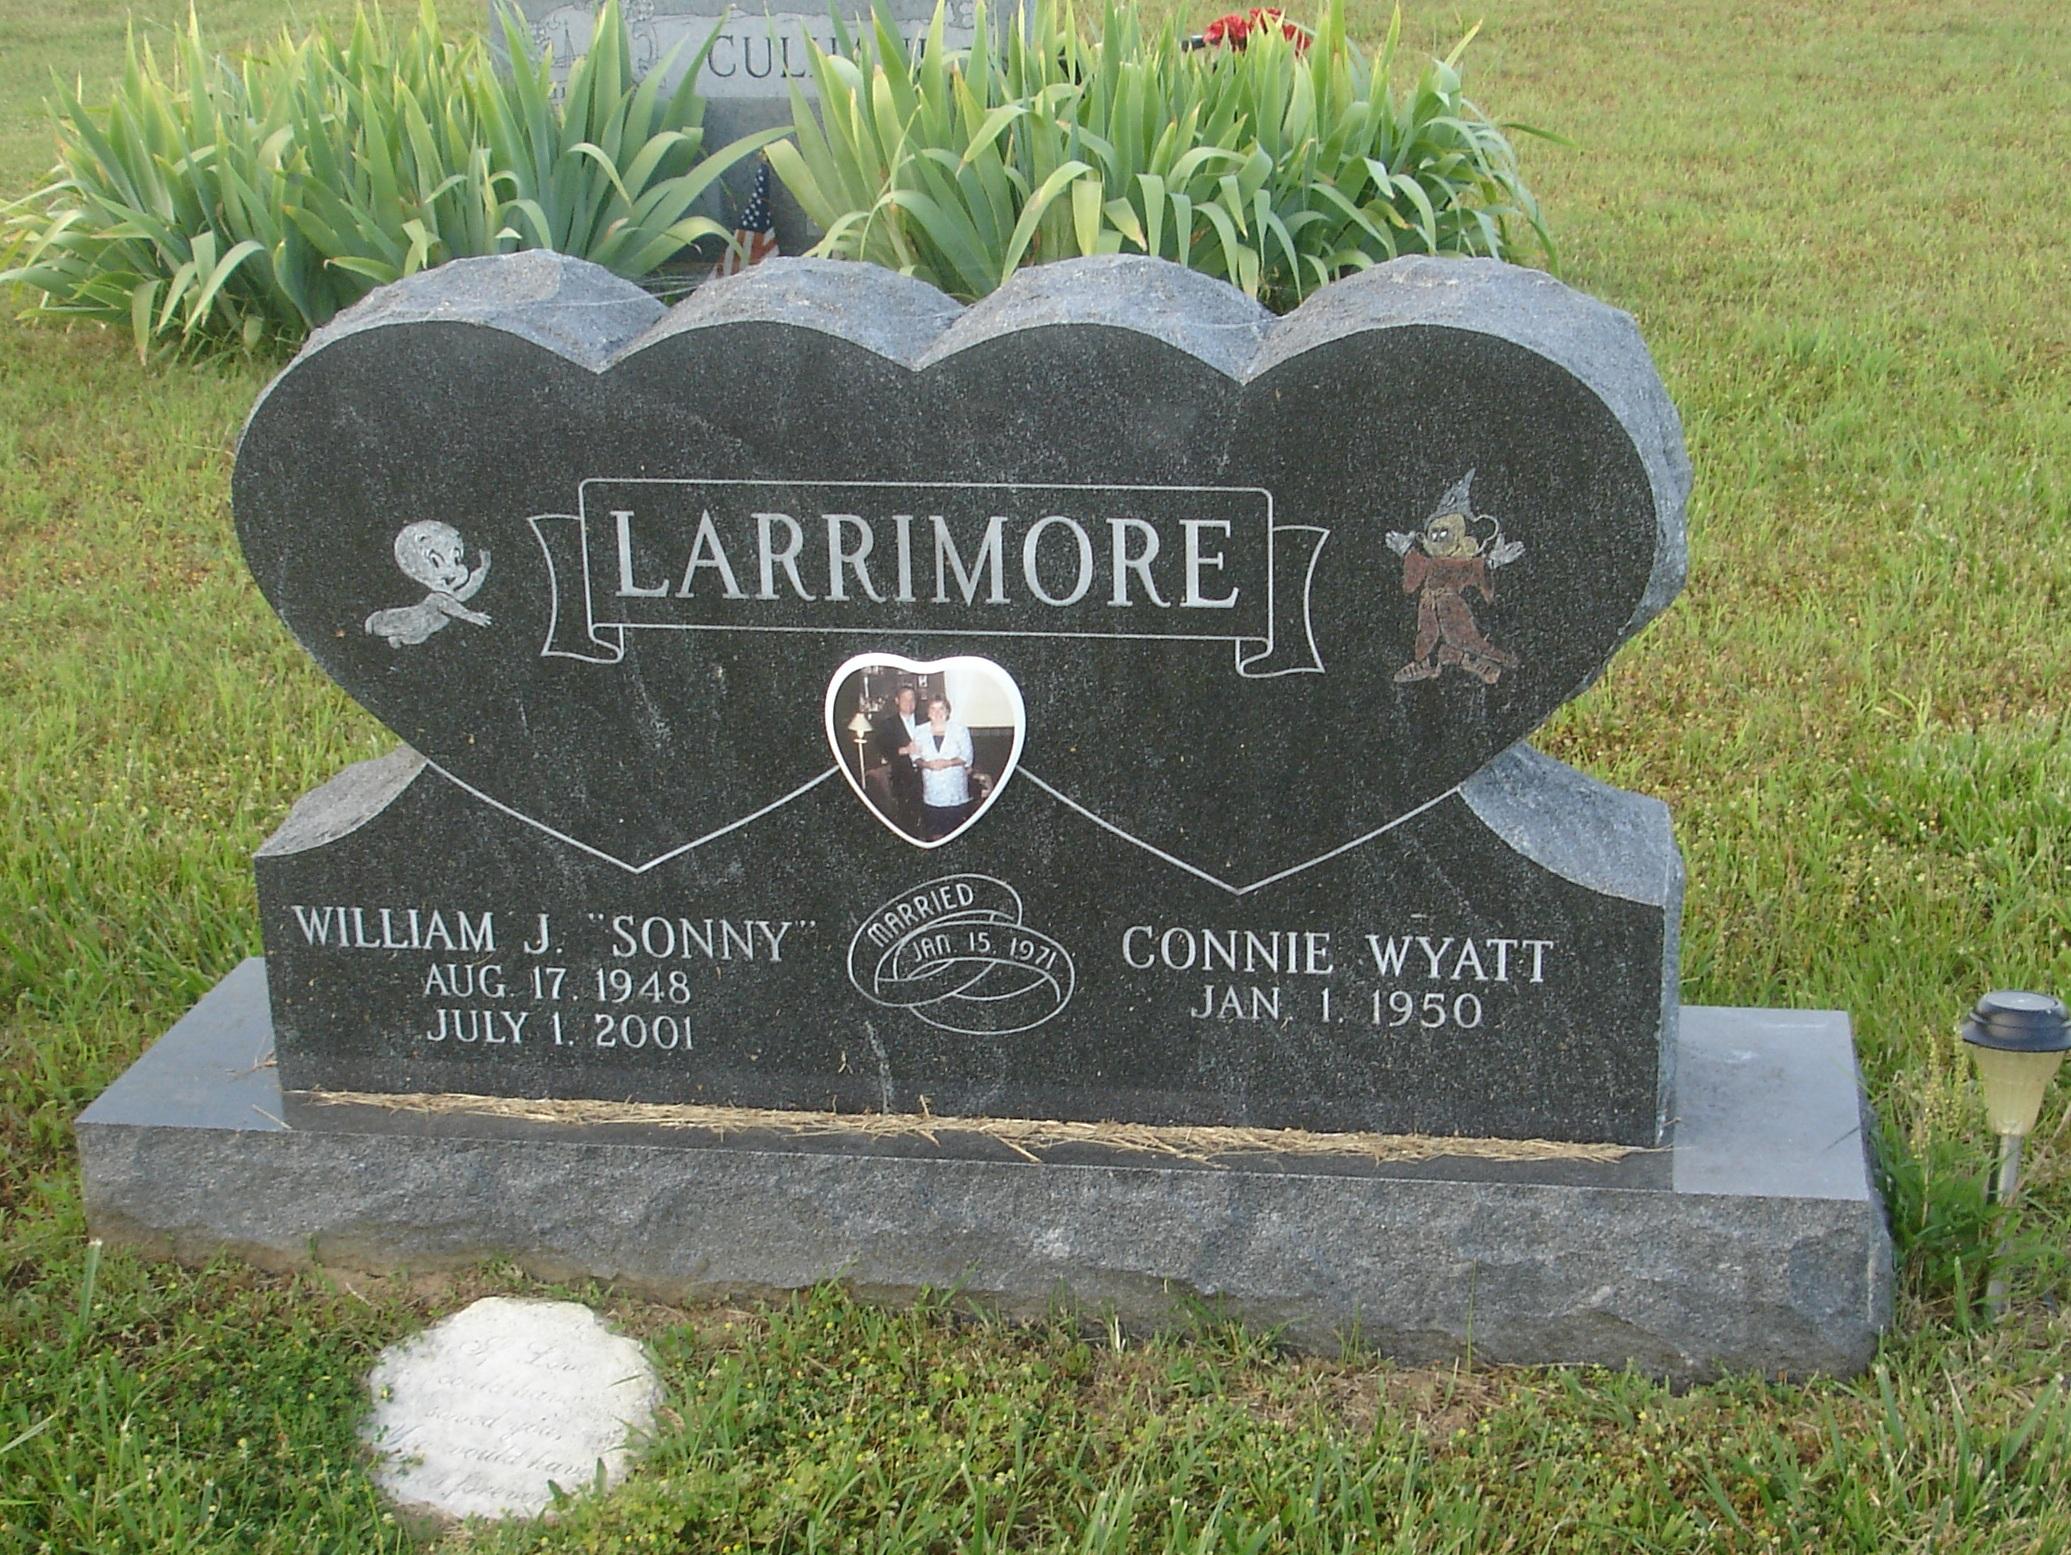 William J. Sonny Larrimore